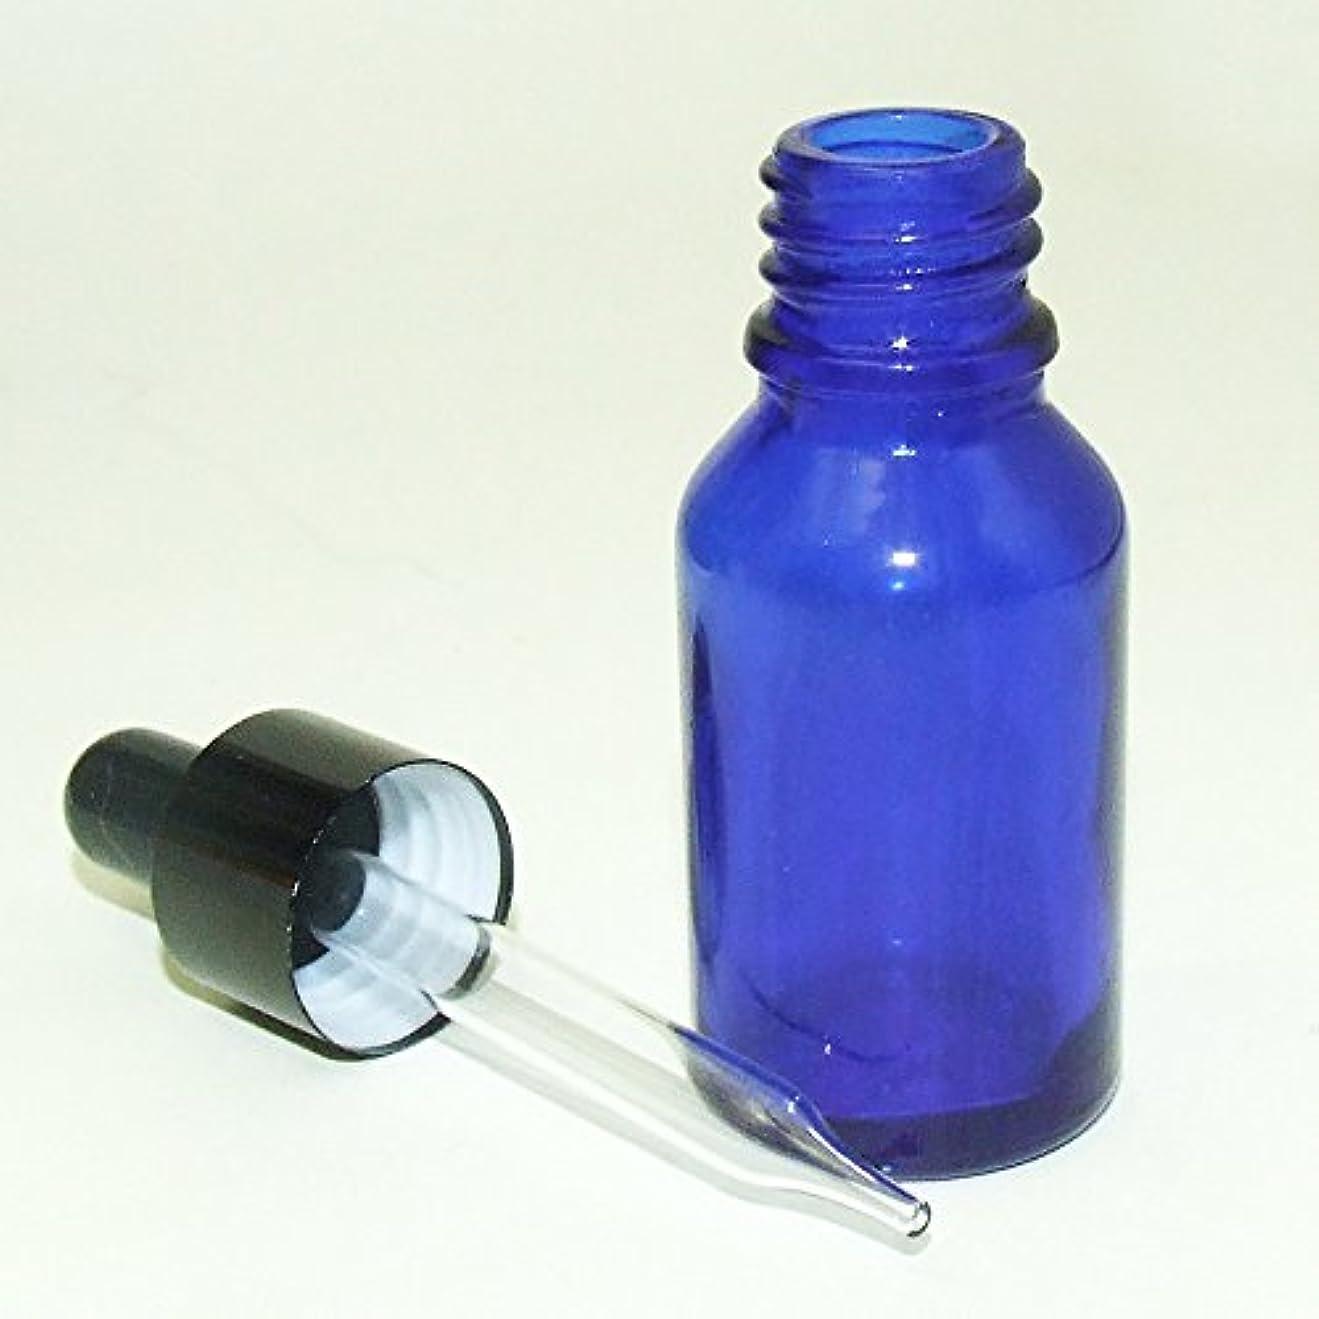 アルファベットキャリア偏見ガレージ?ゼロ 遮光ガラス スポイド瓶 先細タイプ 青 15ml(GZKP31)×10個 アロマ保存 GSE677